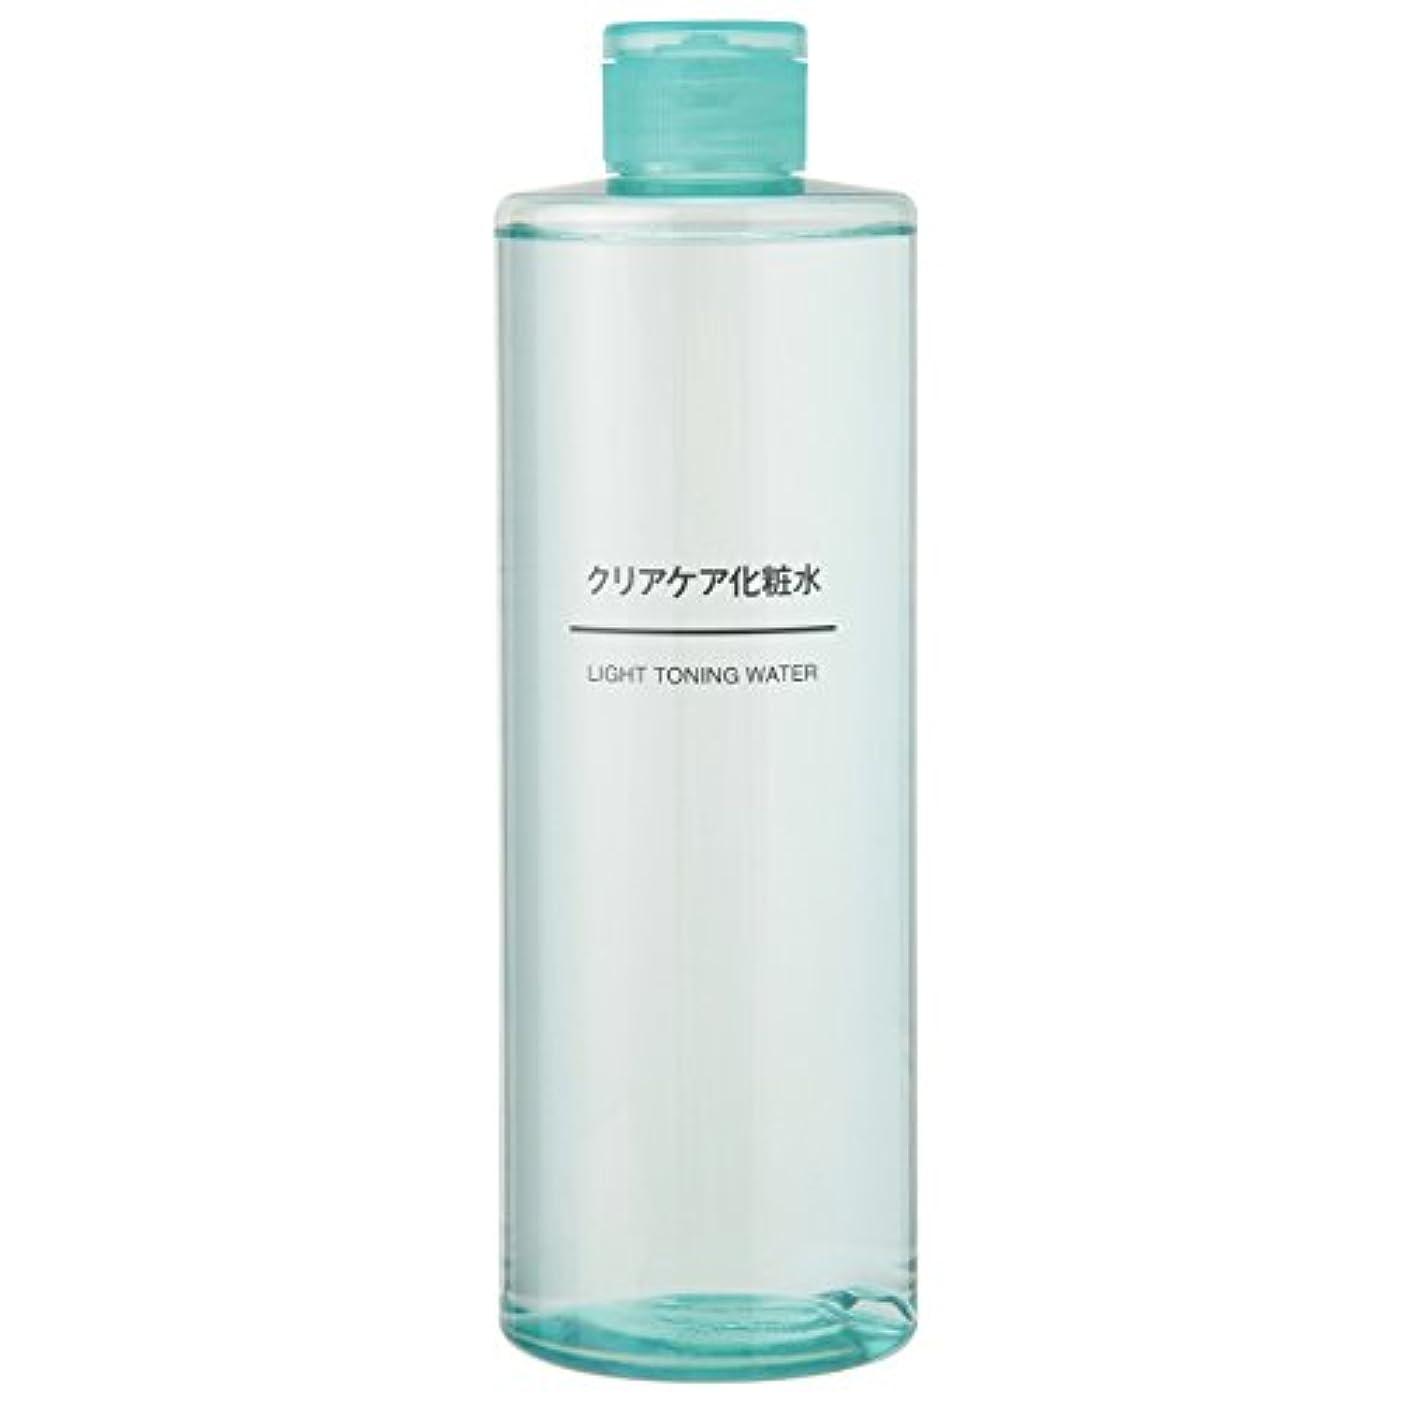 スリップパイント歩道無印良品 クリアケア化粧水(大容量) 400ml